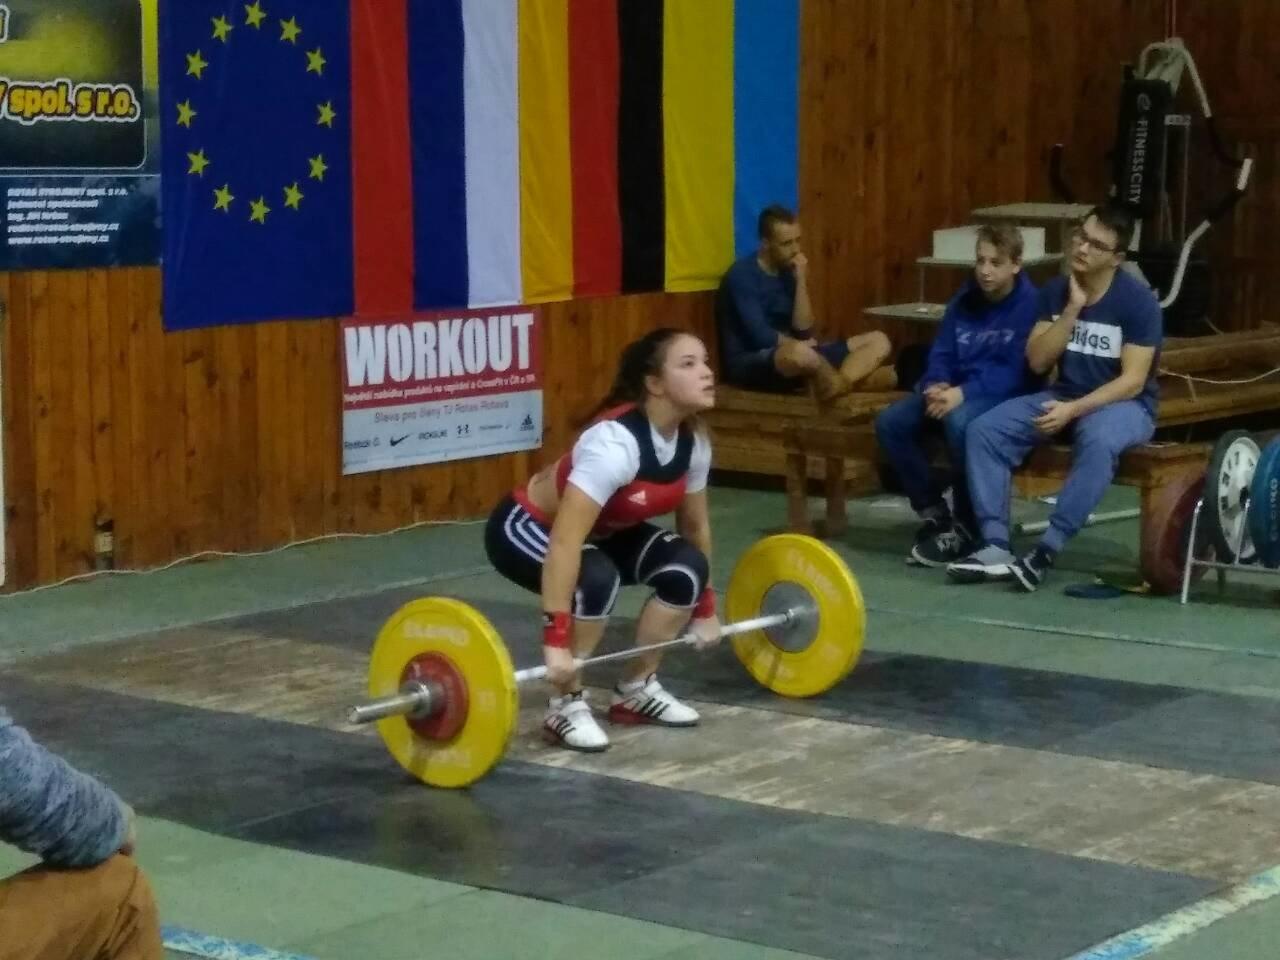 Білоцерківські спортсмени вибороли призові місця на Міжнародному турнірі з важкої атлетики, фото-4